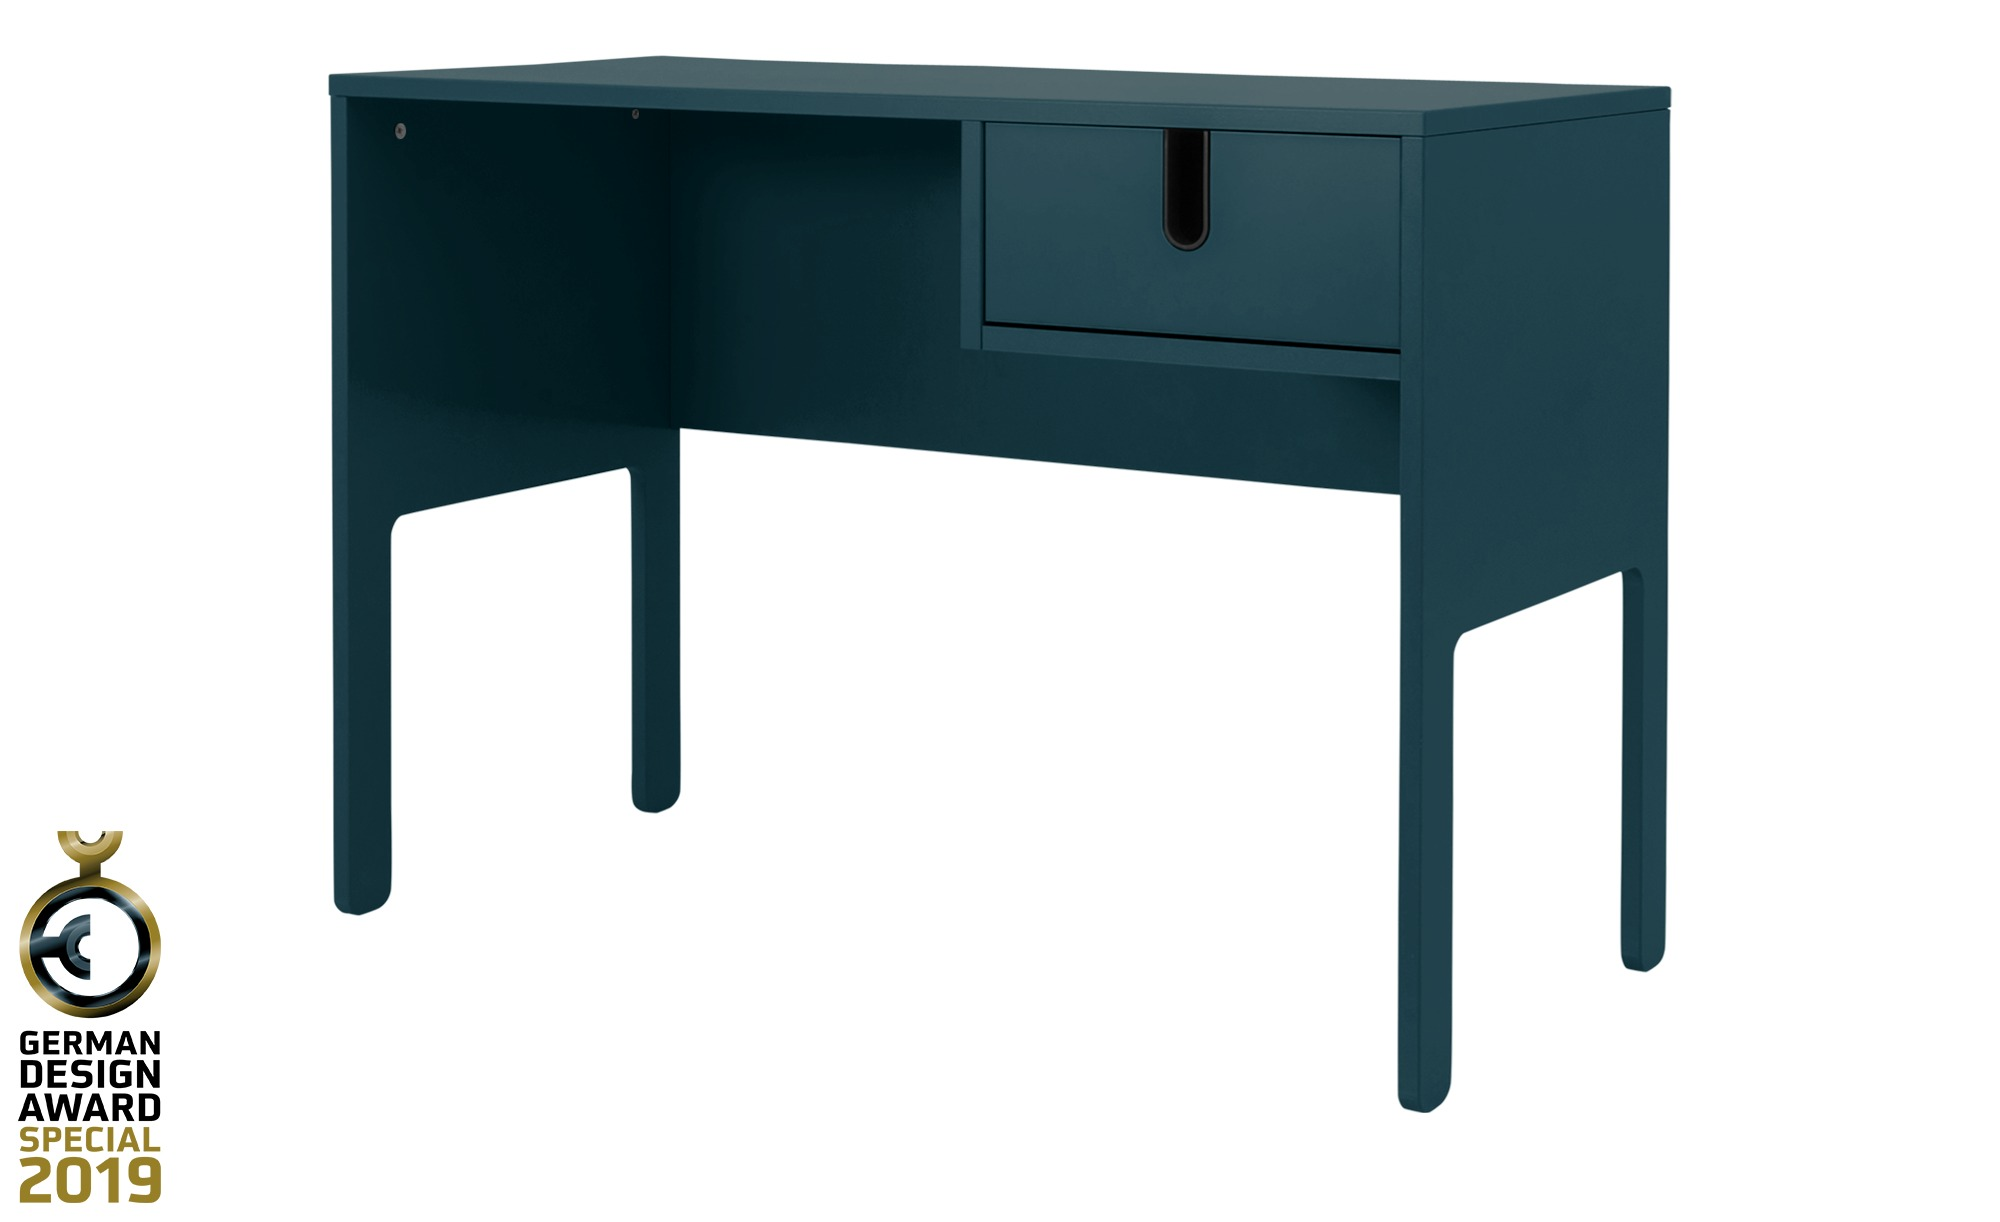 Schreibtisch  Uno ¦ blau ¦ Maße (cm): B: 105 H: 75 T: 50 Tische > Schreibtische - Höffner | Büro > Bürotische > Schreibtische | Blau | Holzwerkstoff - Lackiert | Möbel Höffner DE